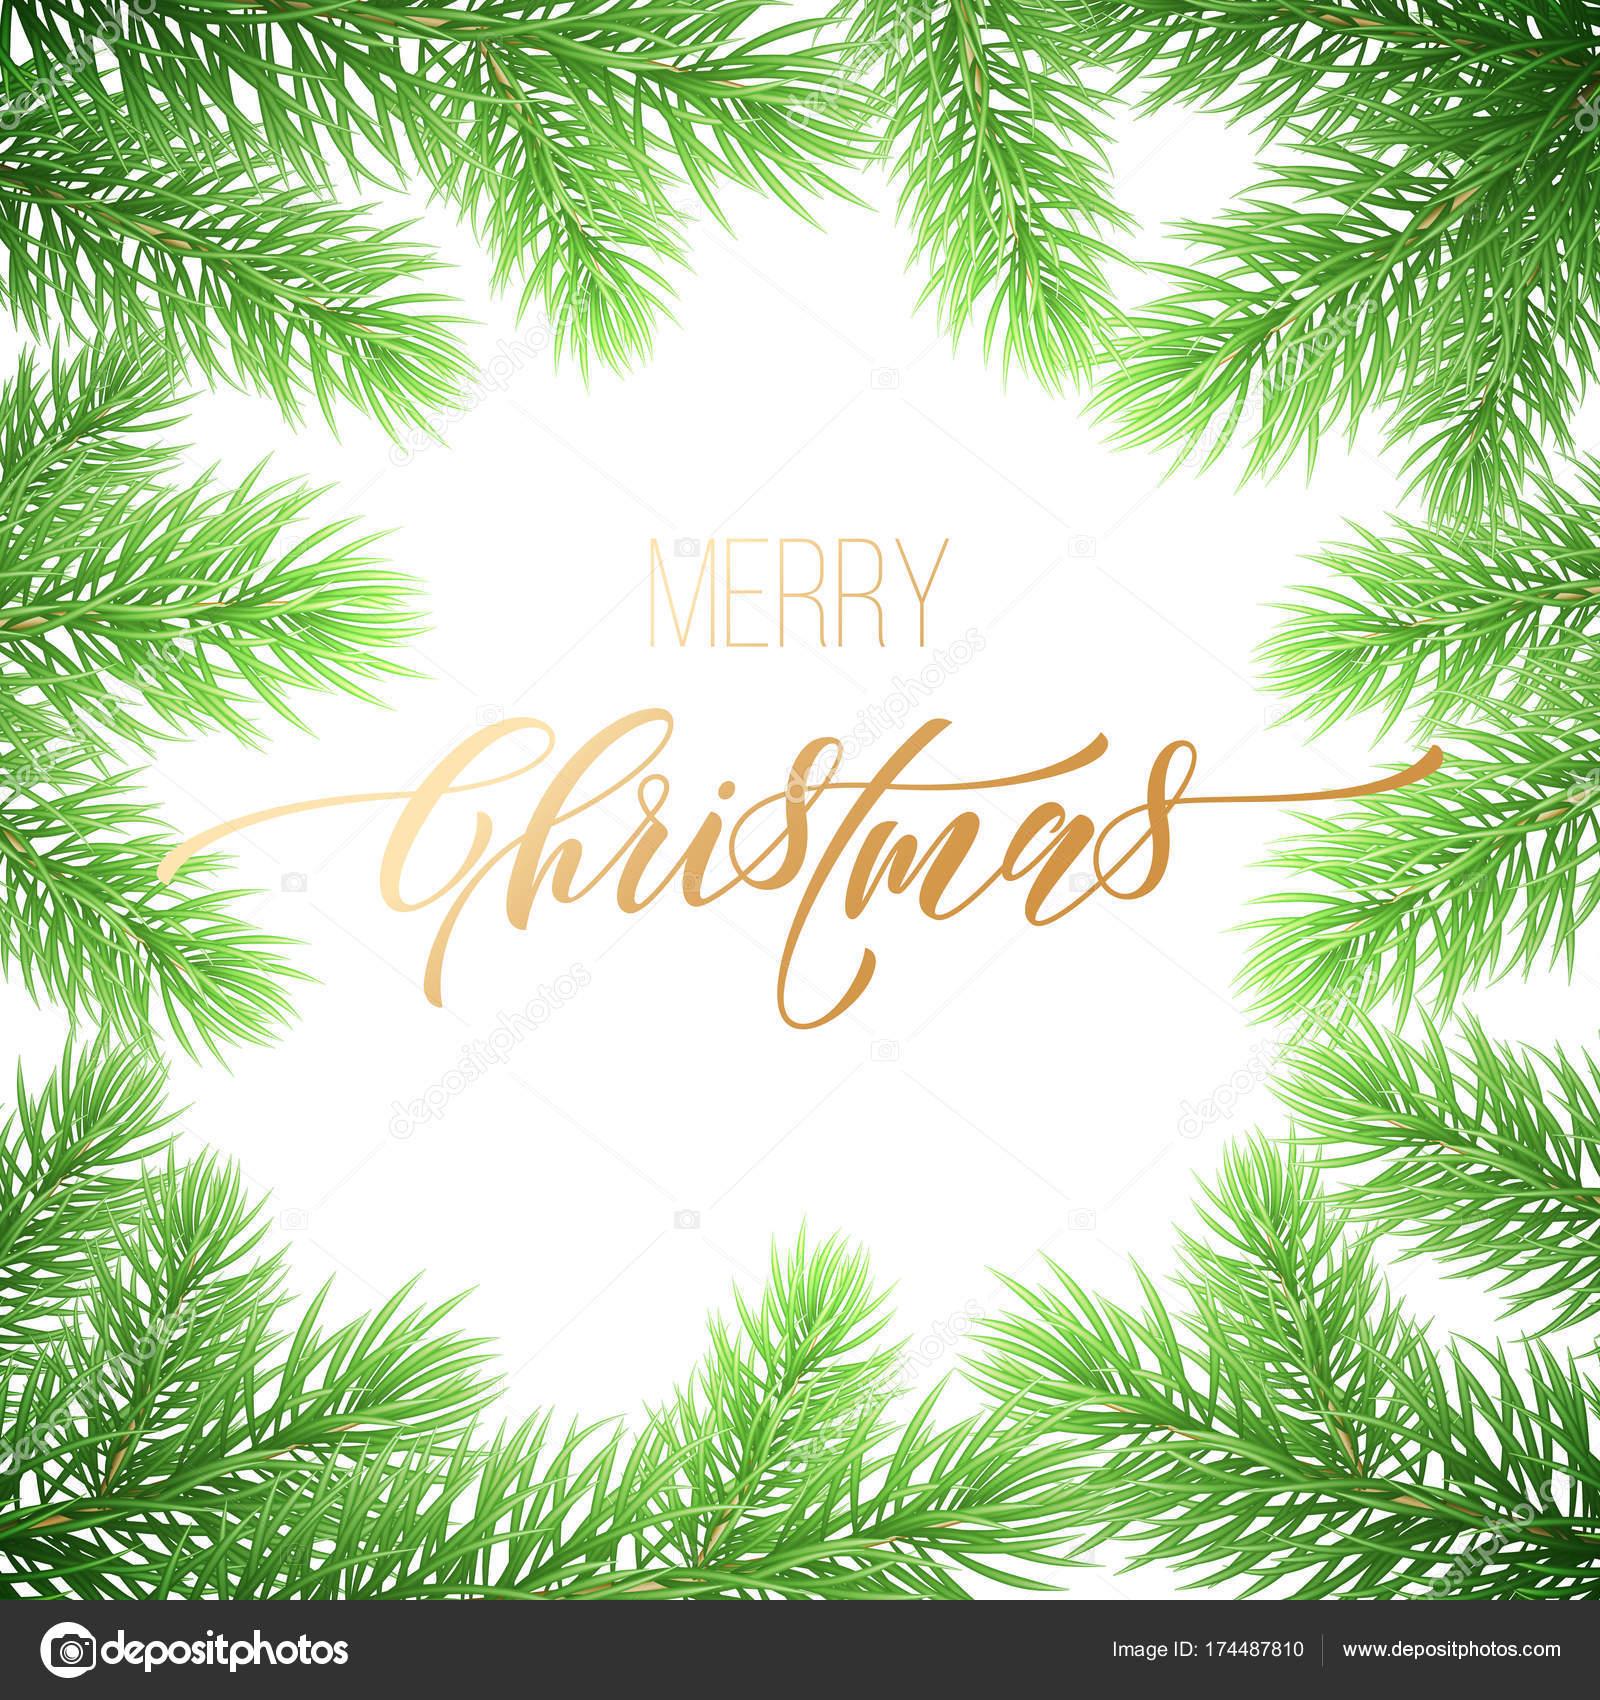 Merry christmas holiday golden hand drawn quote calligraphy greeting merry christmas holiday golden hand drawn quote calligraphy greeting card background template vector christmas fir tree branch garland wreath decoration maxwellsz